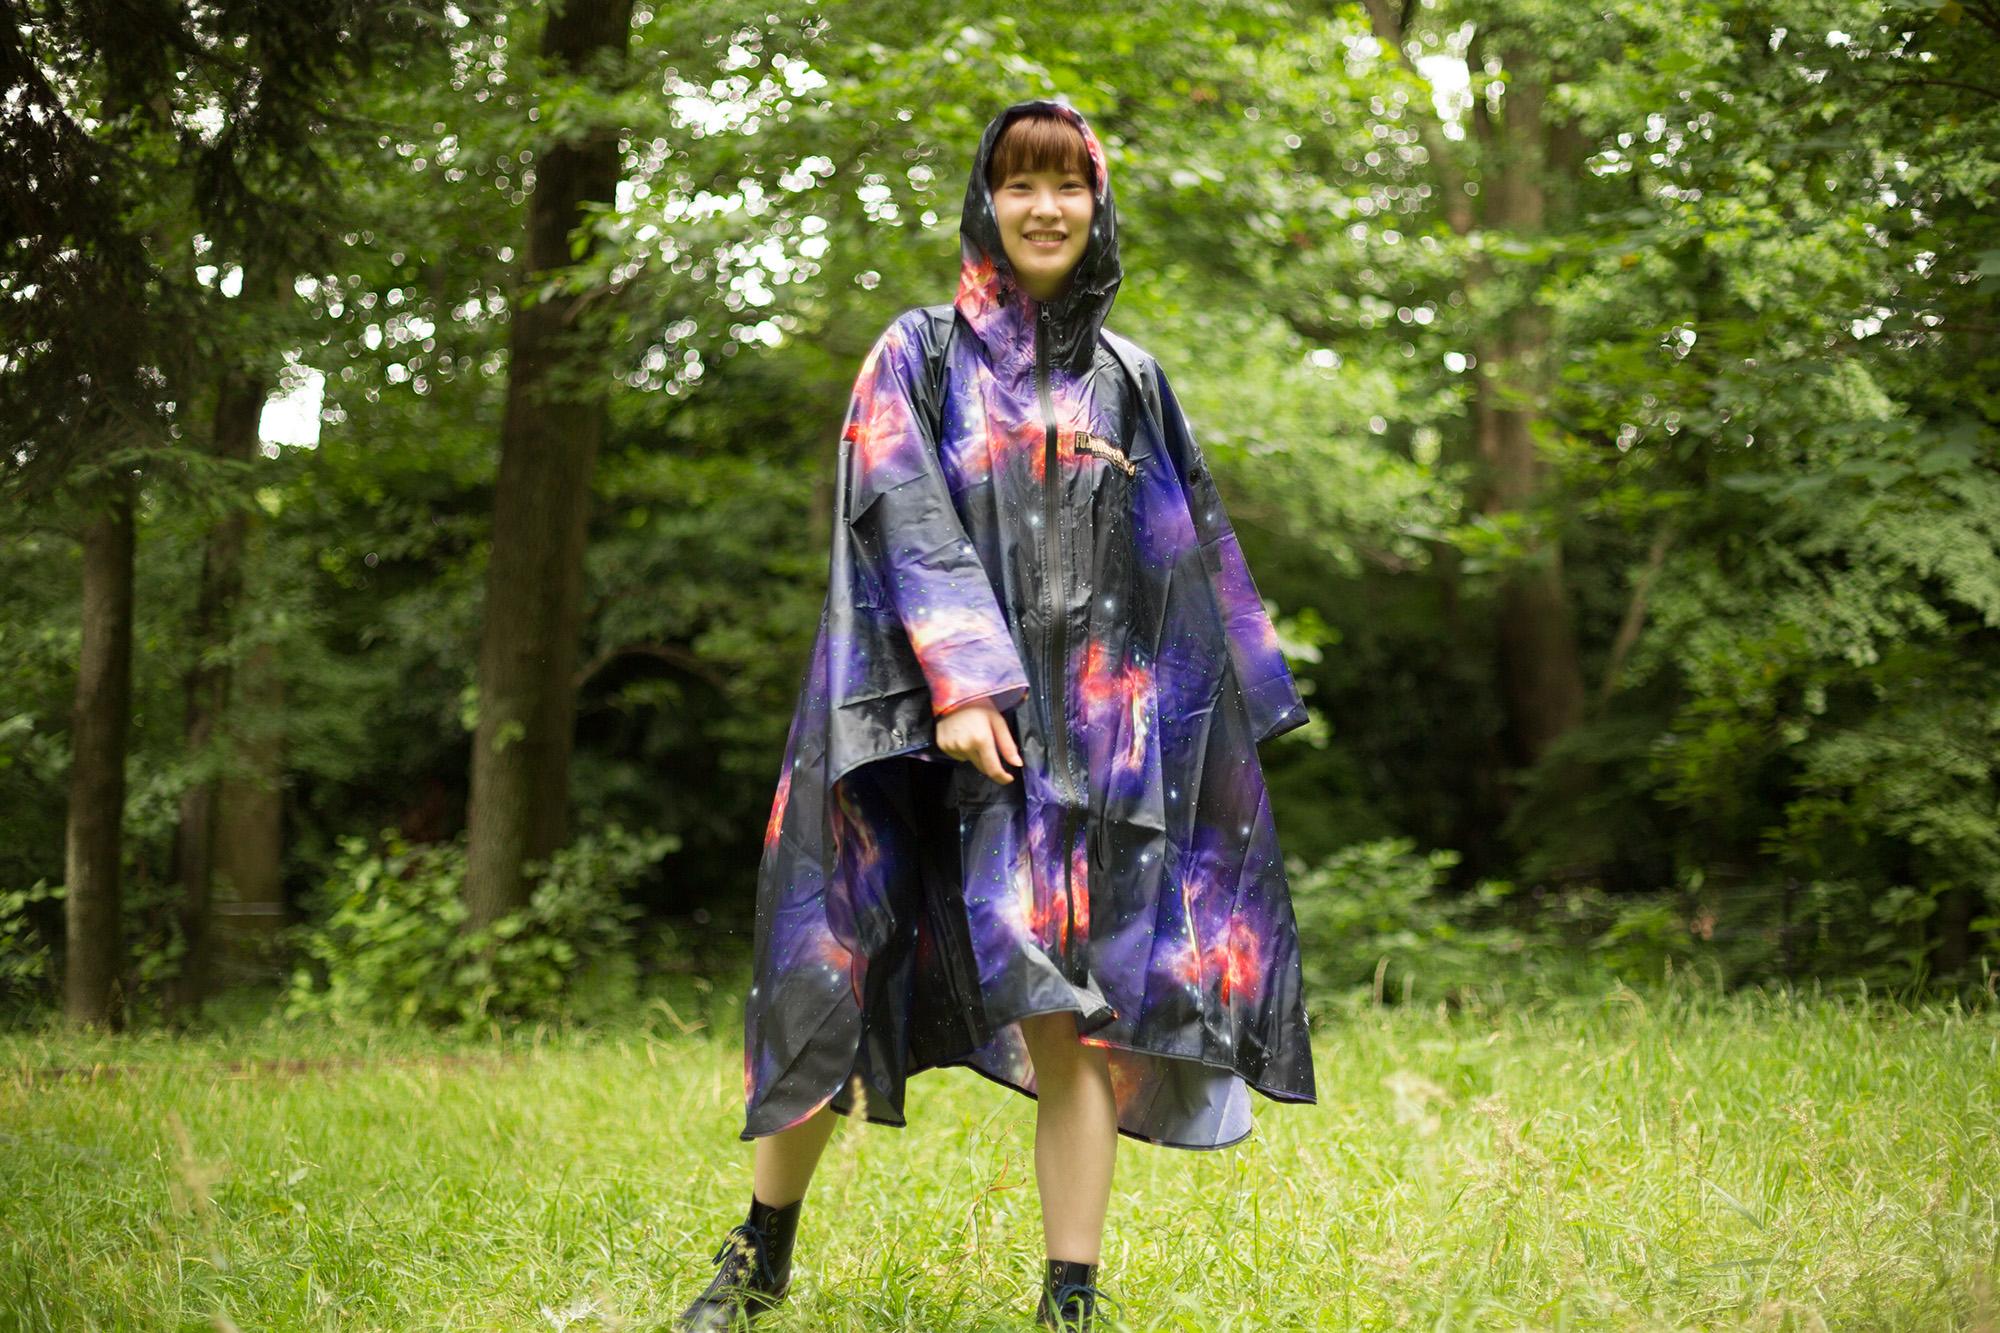 【フェスファッション】フジロックにも着ていきたい!2016年、夏フェスコーデ R7A3663